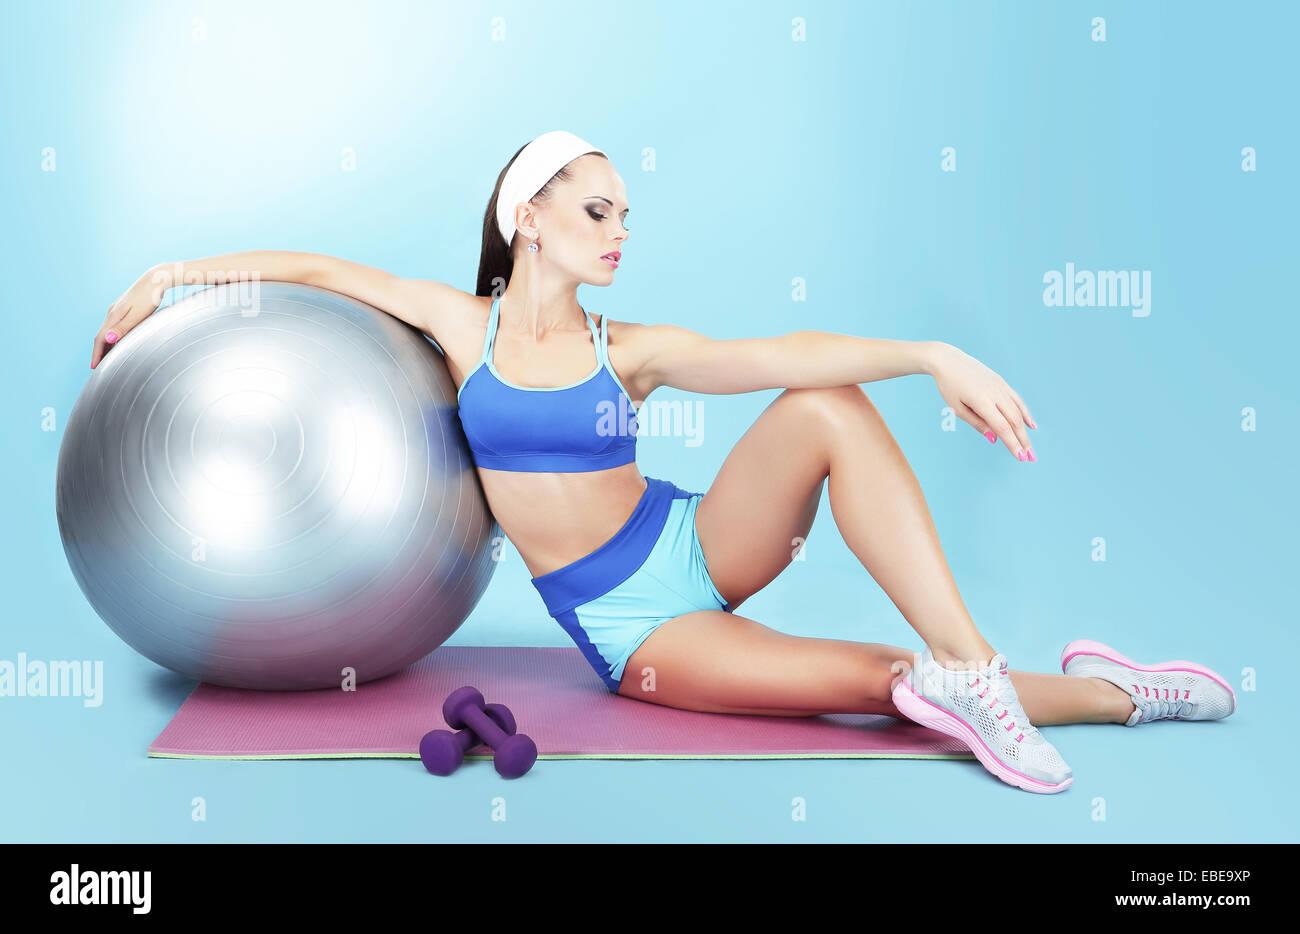 El reposo. Sportswoman con Equipamiento Deportivo - Una Pelota Fitness y pesas Imagen De Stock